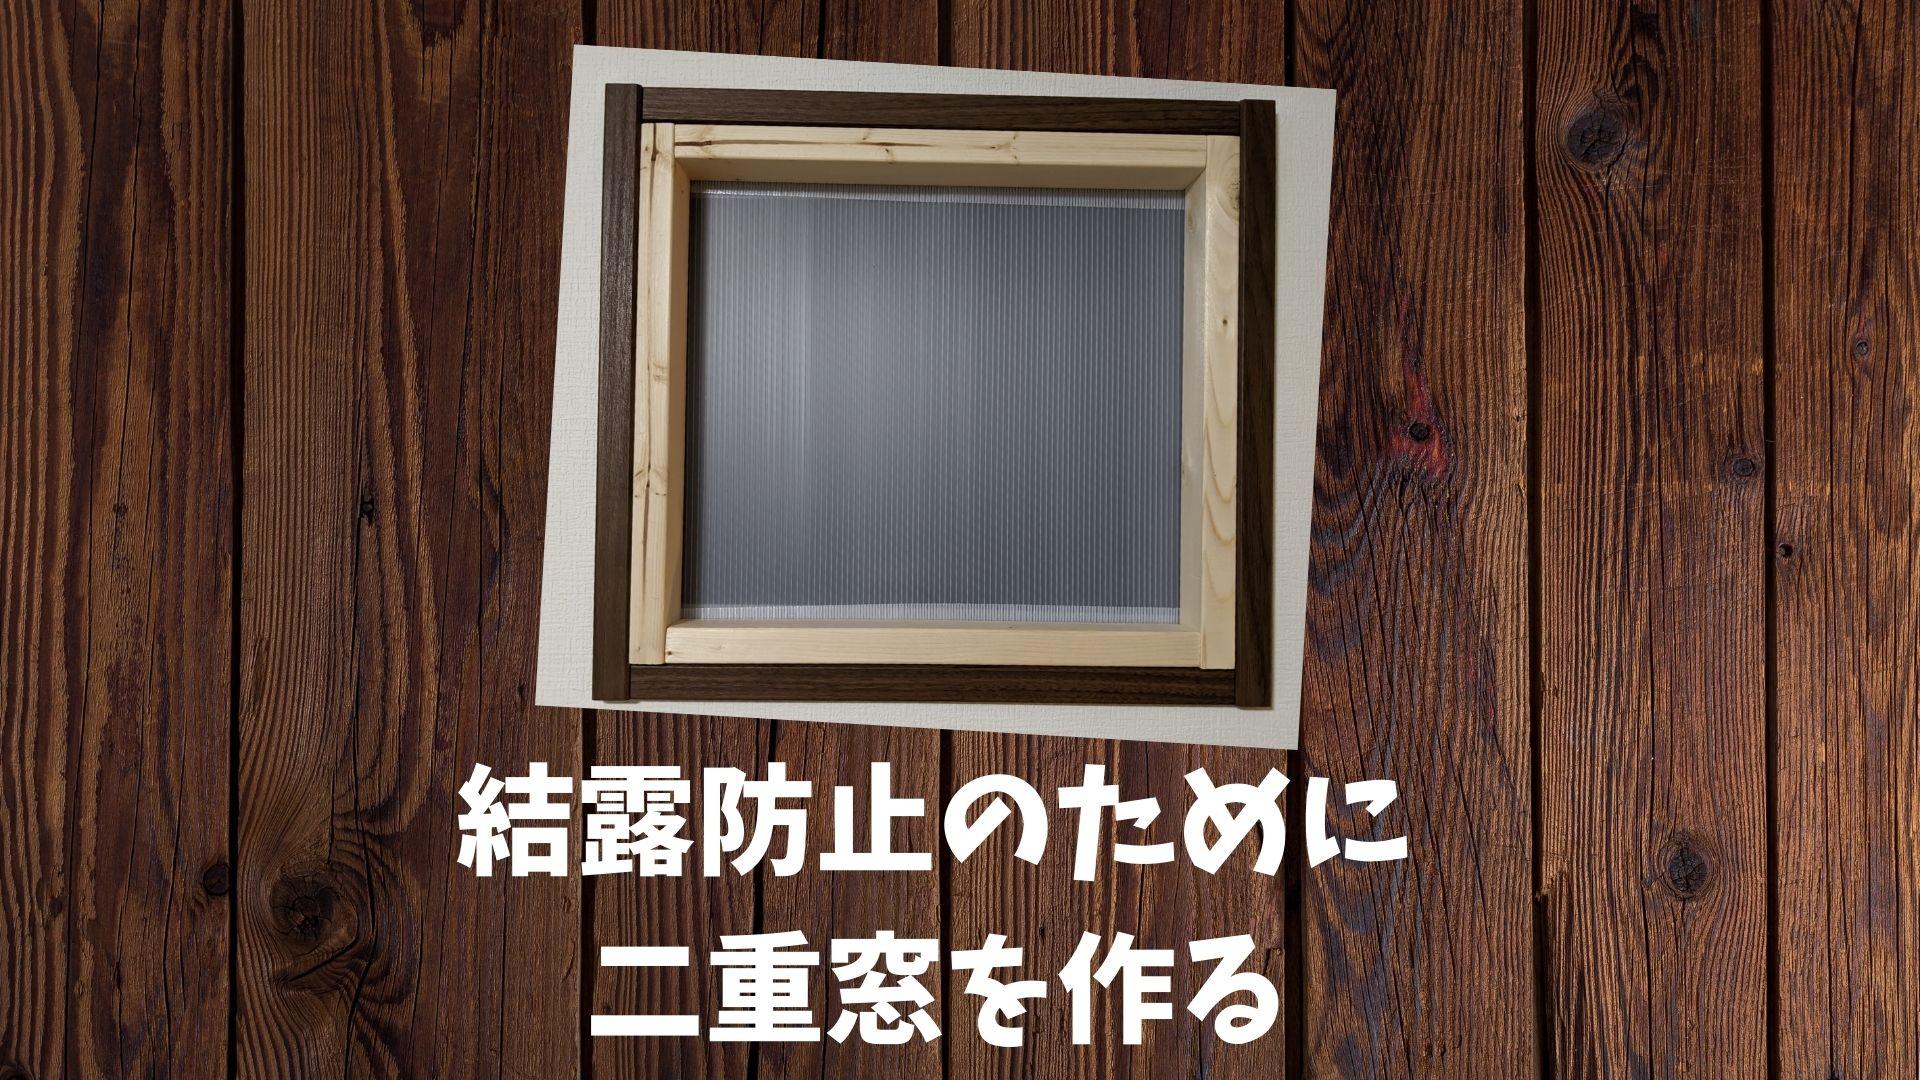 結露防止のために 二重窓を作る